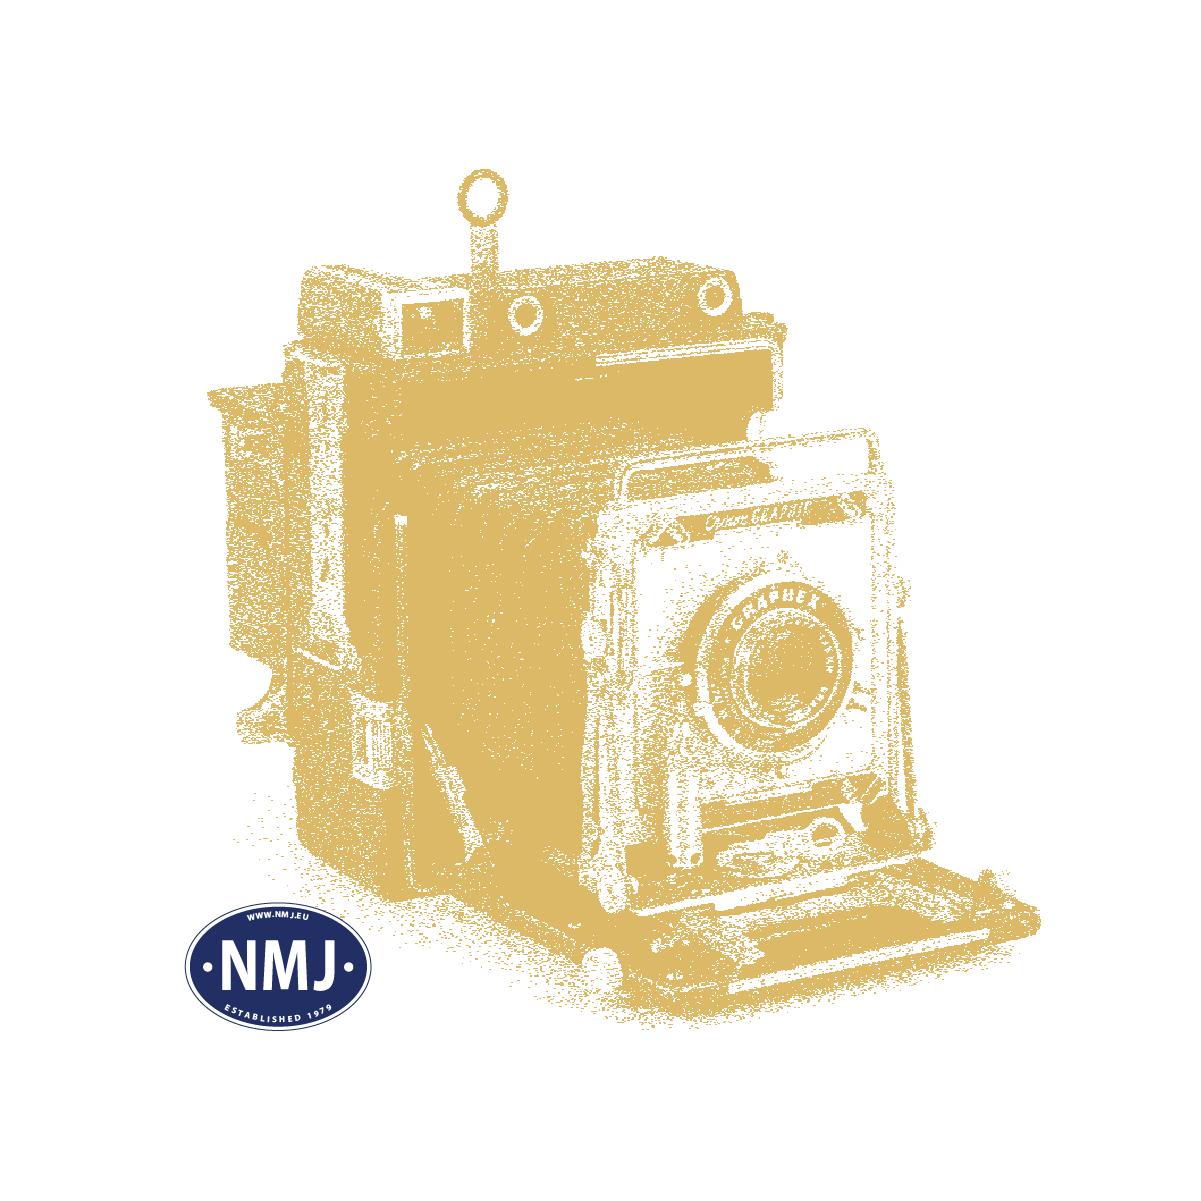 NMJS2.2023-1 - NMJ Superline NSB El 2.2023, Original utgave